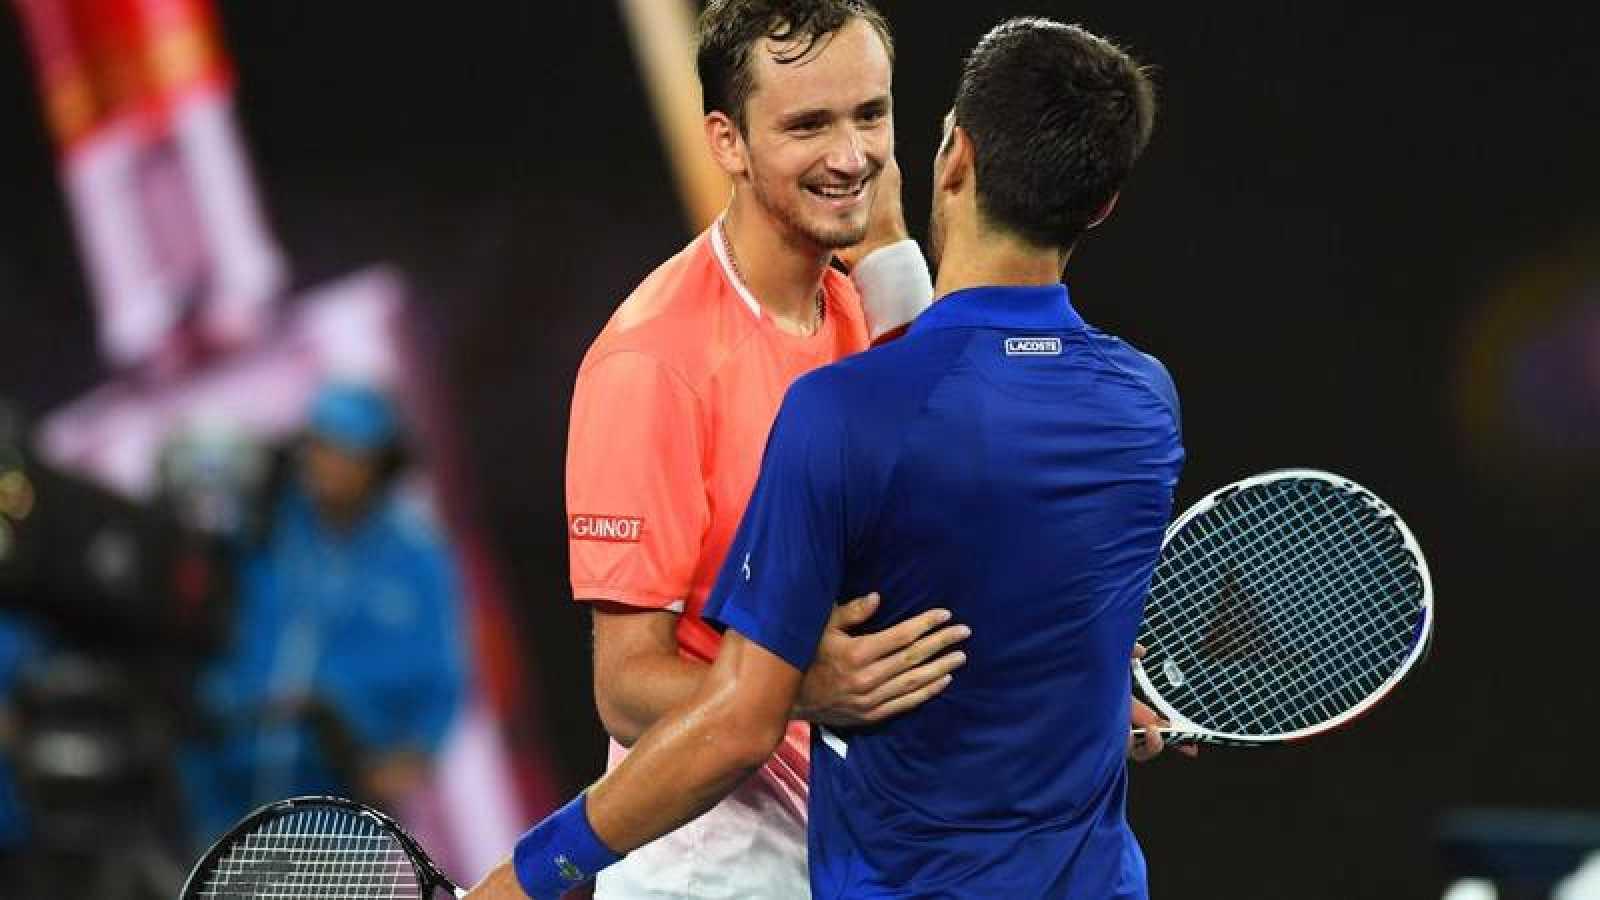 El tenista serbio Novak Djokovic celebra su victoria ante el ruso Daniil Medvedev durante el pasado Abierto de Australia en 2019.